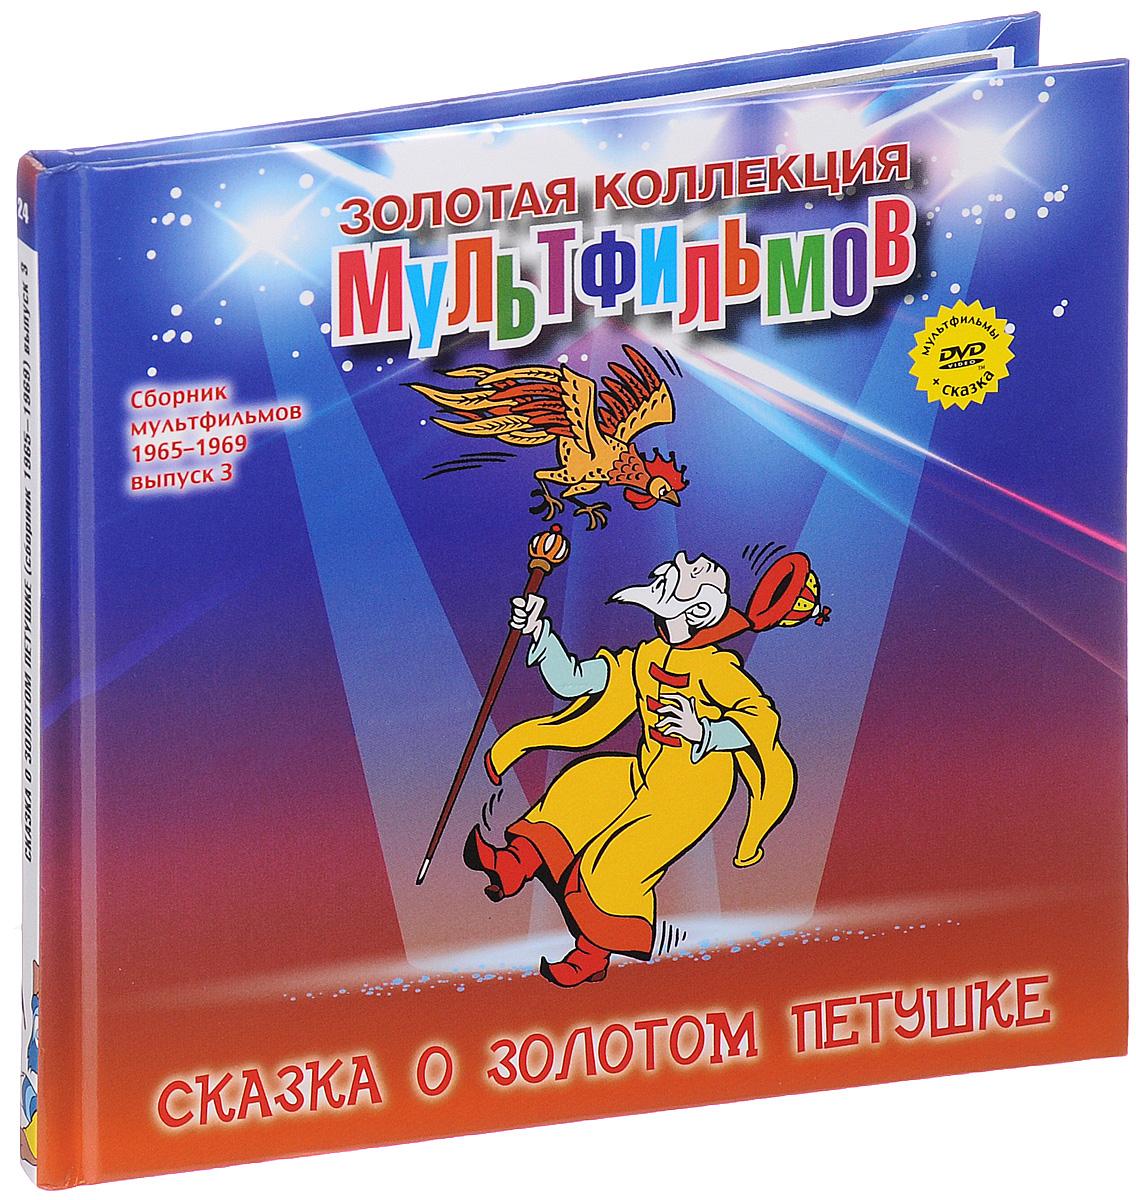 Сборник мультфильмов 1965-1969: Выпуск 3: Сказка о золотом петушке